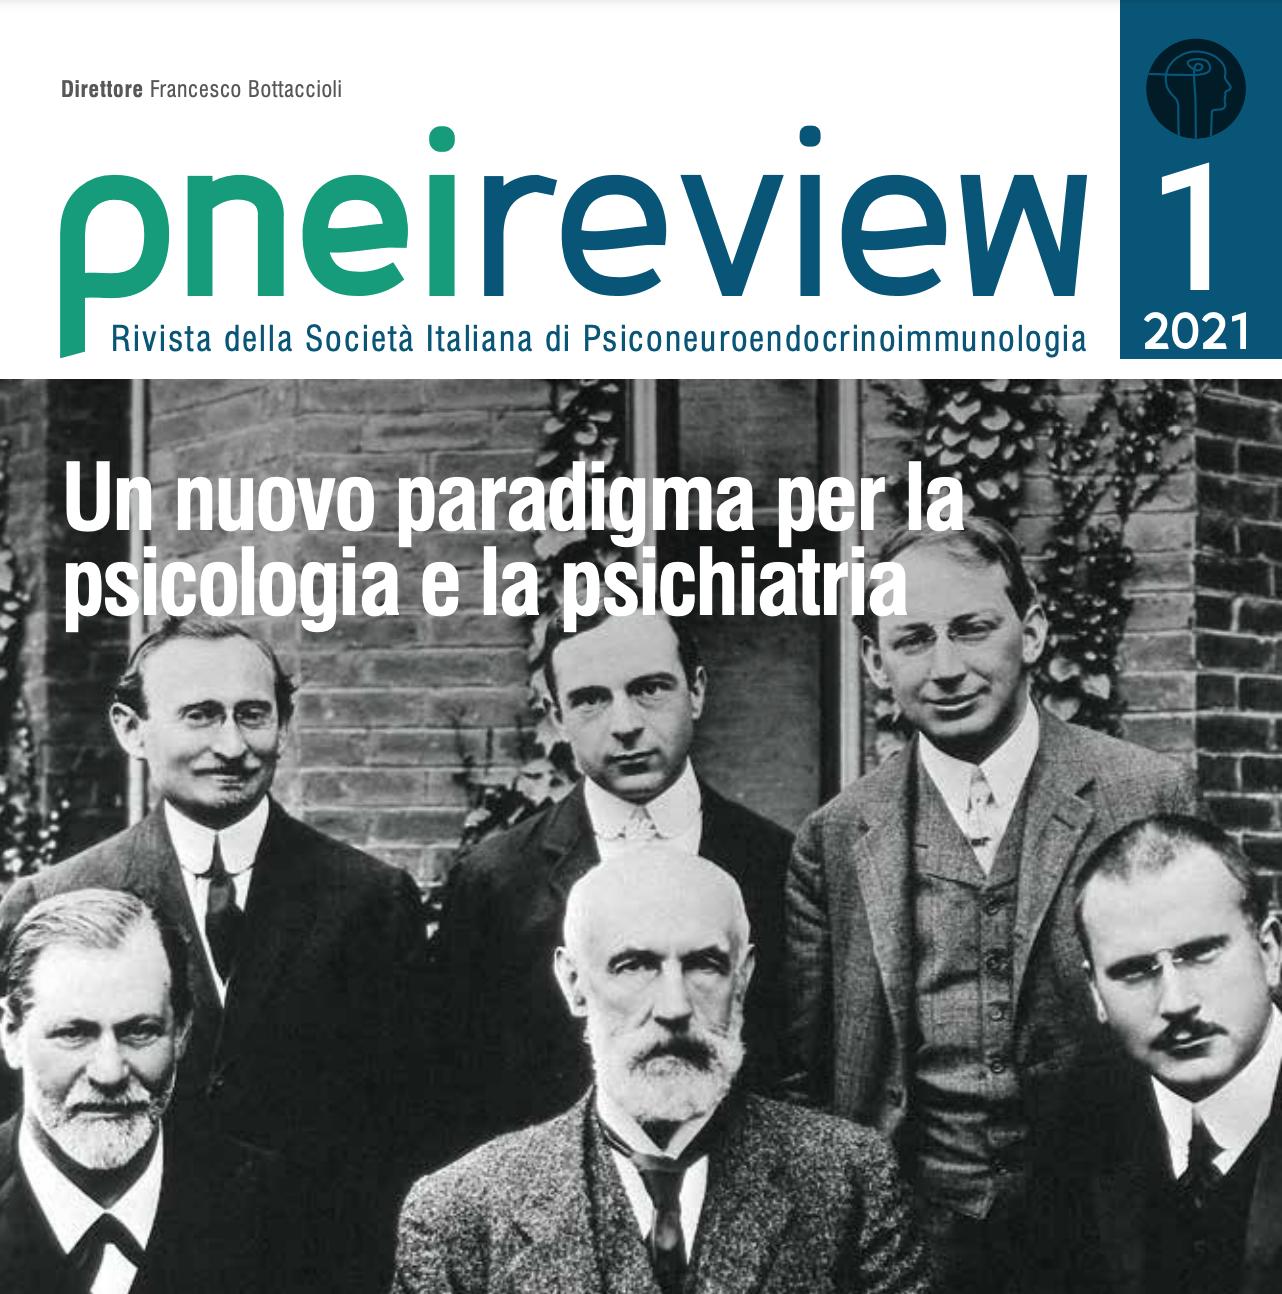 01-2021 Un nuovo paradigma per la psicologia e la psichiatria